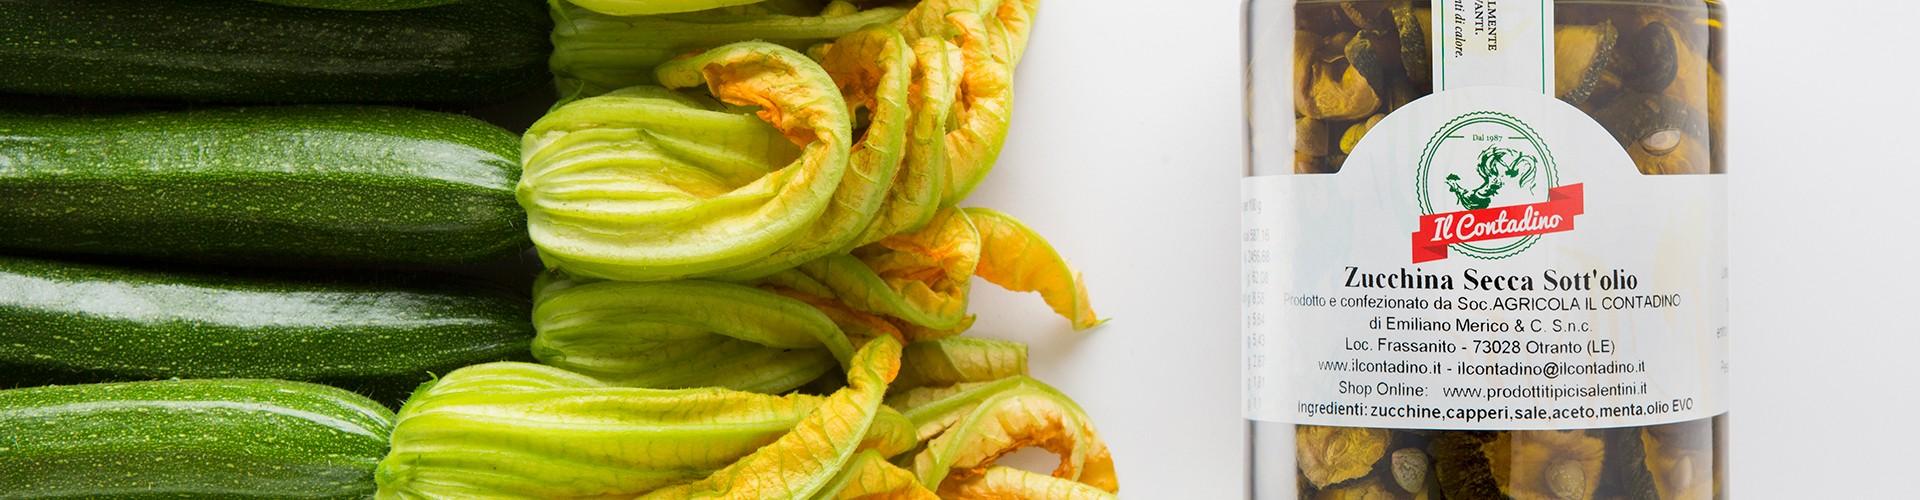 zucchina-secca-sottolio